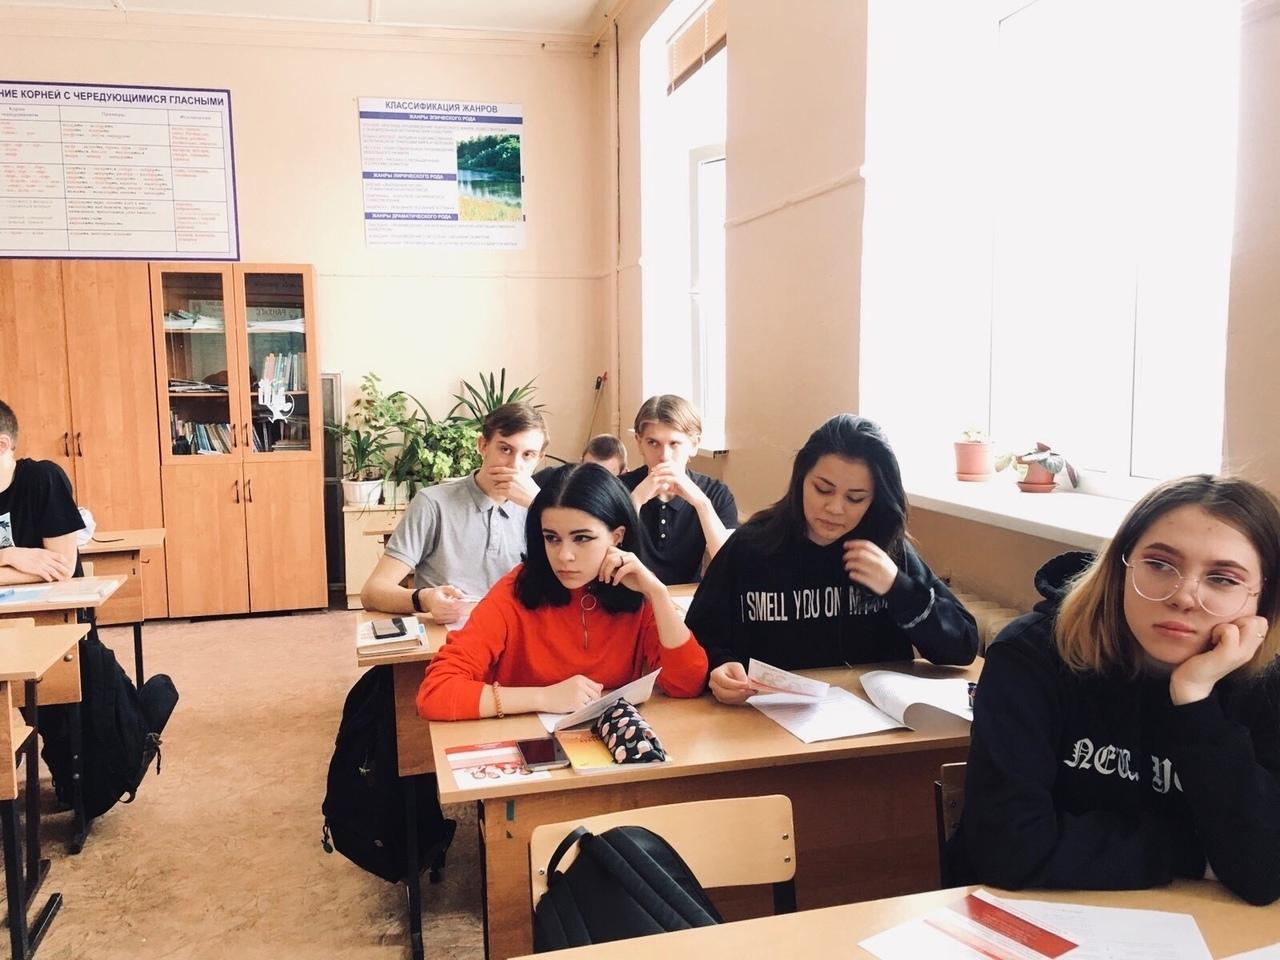 Тамбовский филиал РАНХиГС провел выездной день открытых дверей в Рассказово